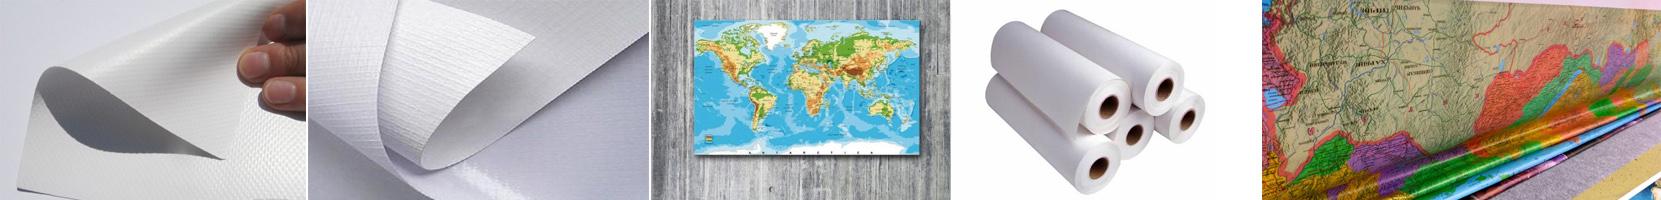 Материал для изготовления настенных карт